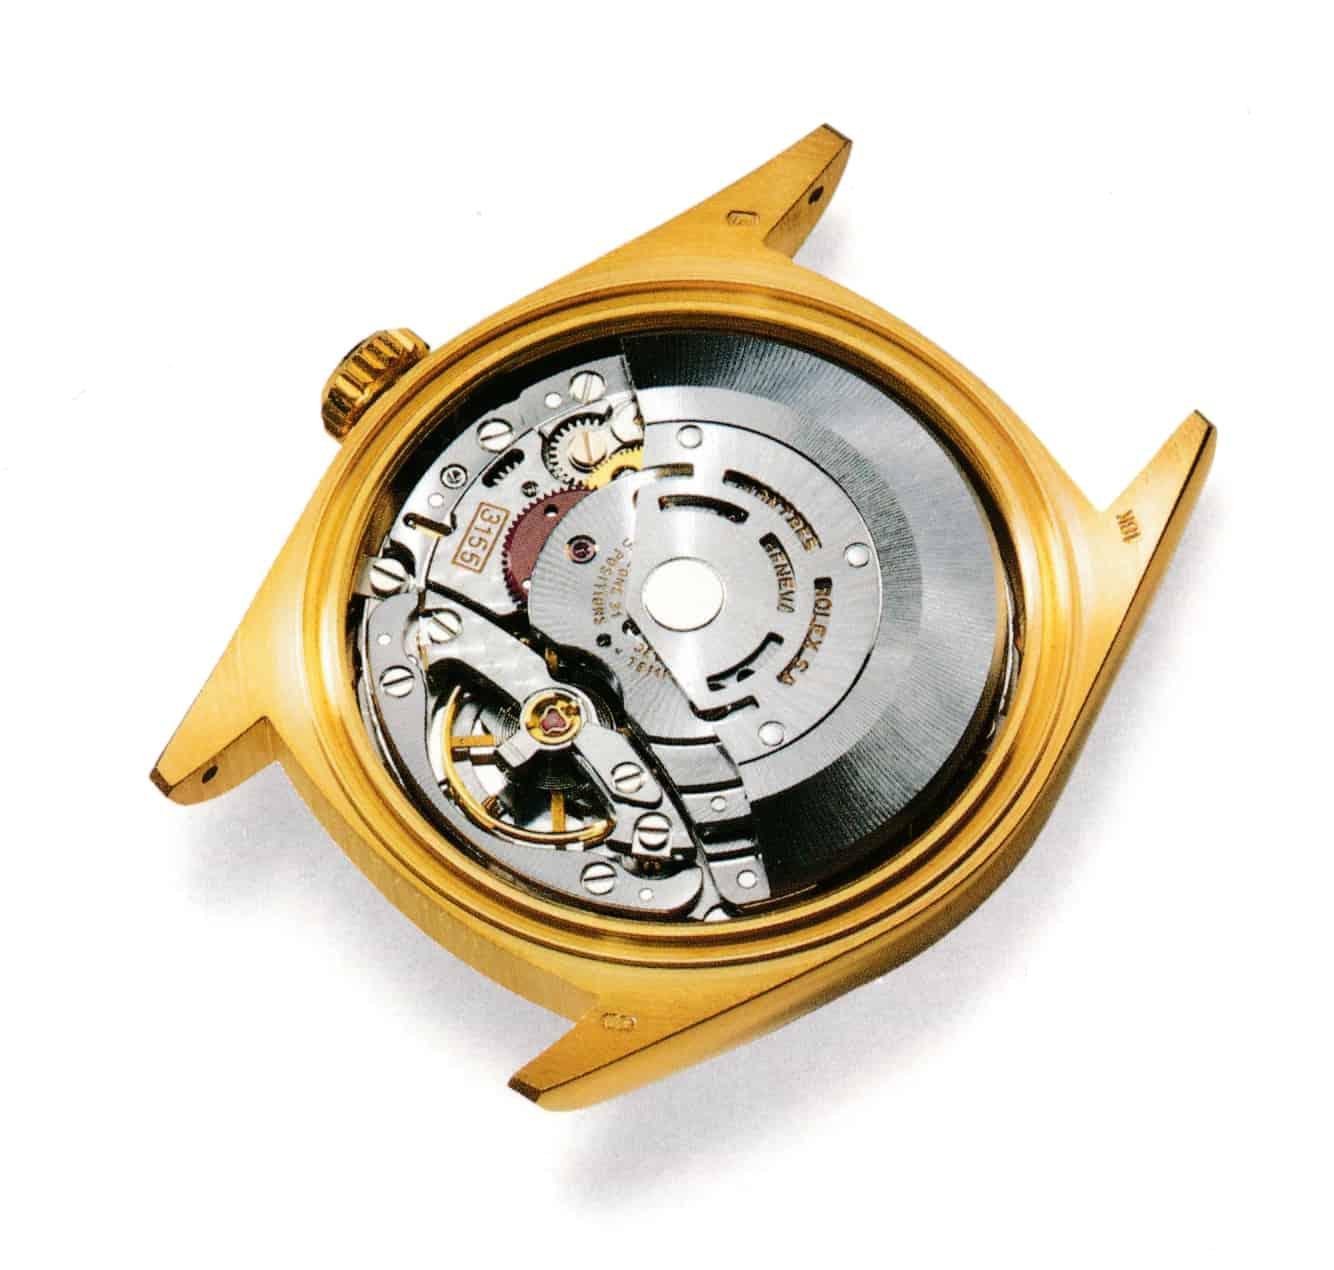 Das Rolex Manufakturkaliber 3155